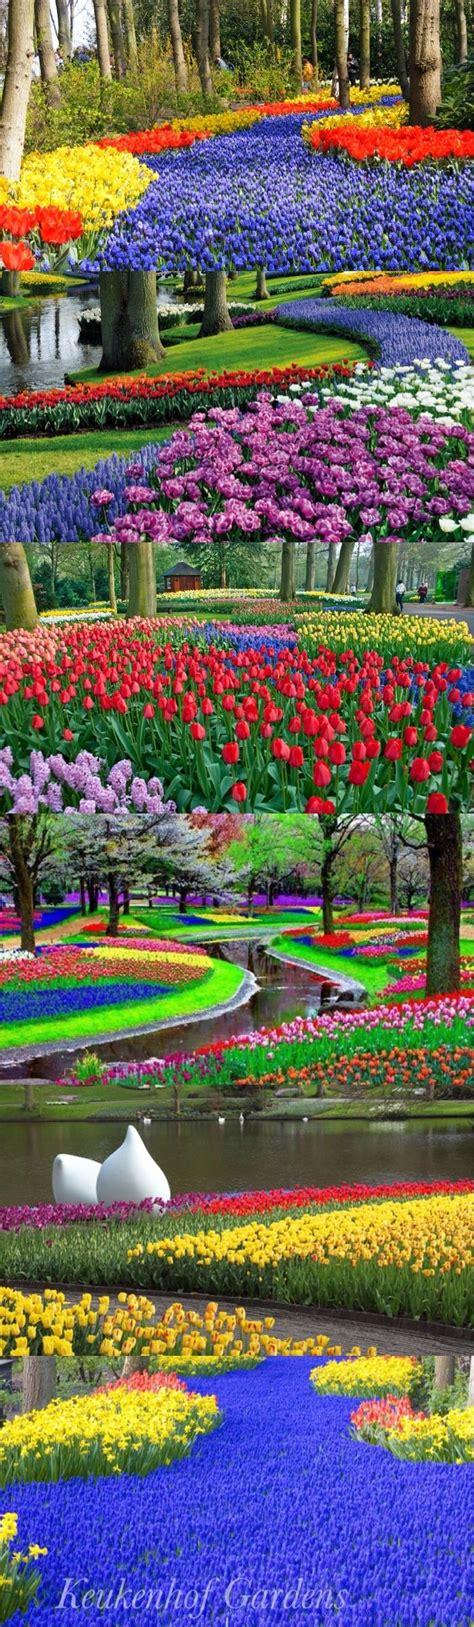 17 Best Images About Keukenhof On Pinterest Gardens The Flower Garden In Amsterdam